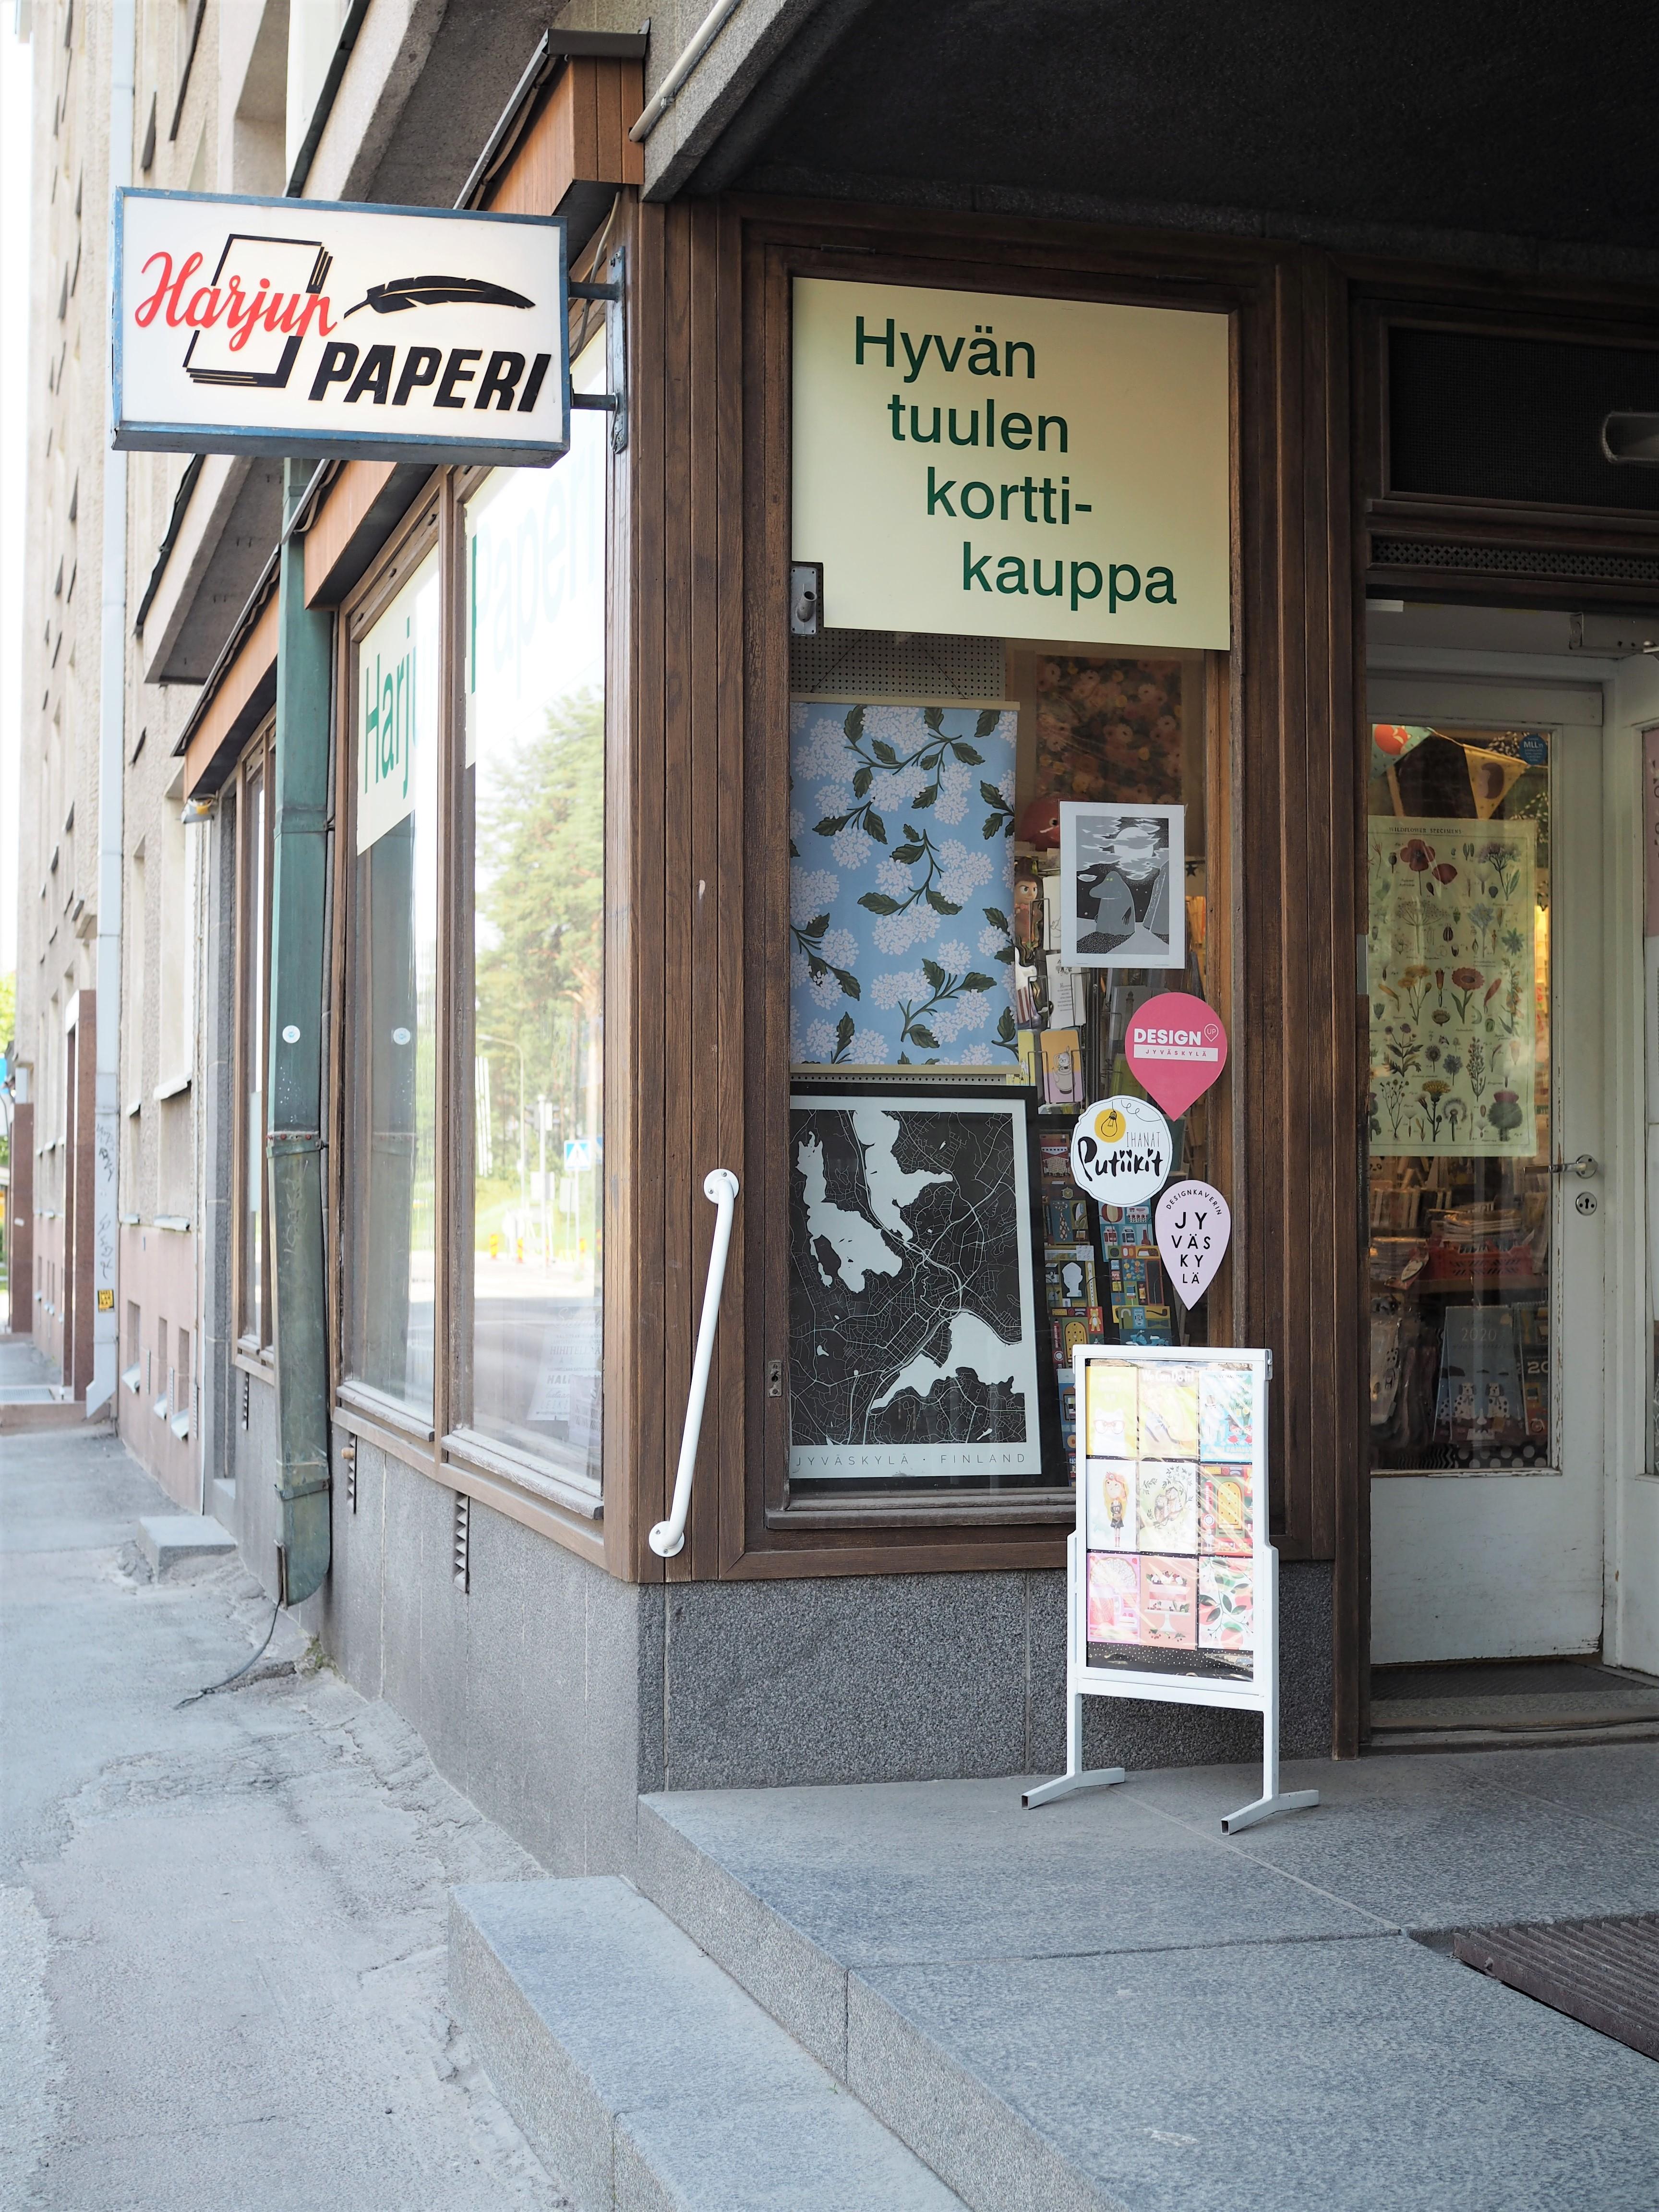 Kartalla Jyväskylän Jyväskylän Designkohteet Jyväskylän Designkohteet Kartalla IfYb7gyv6